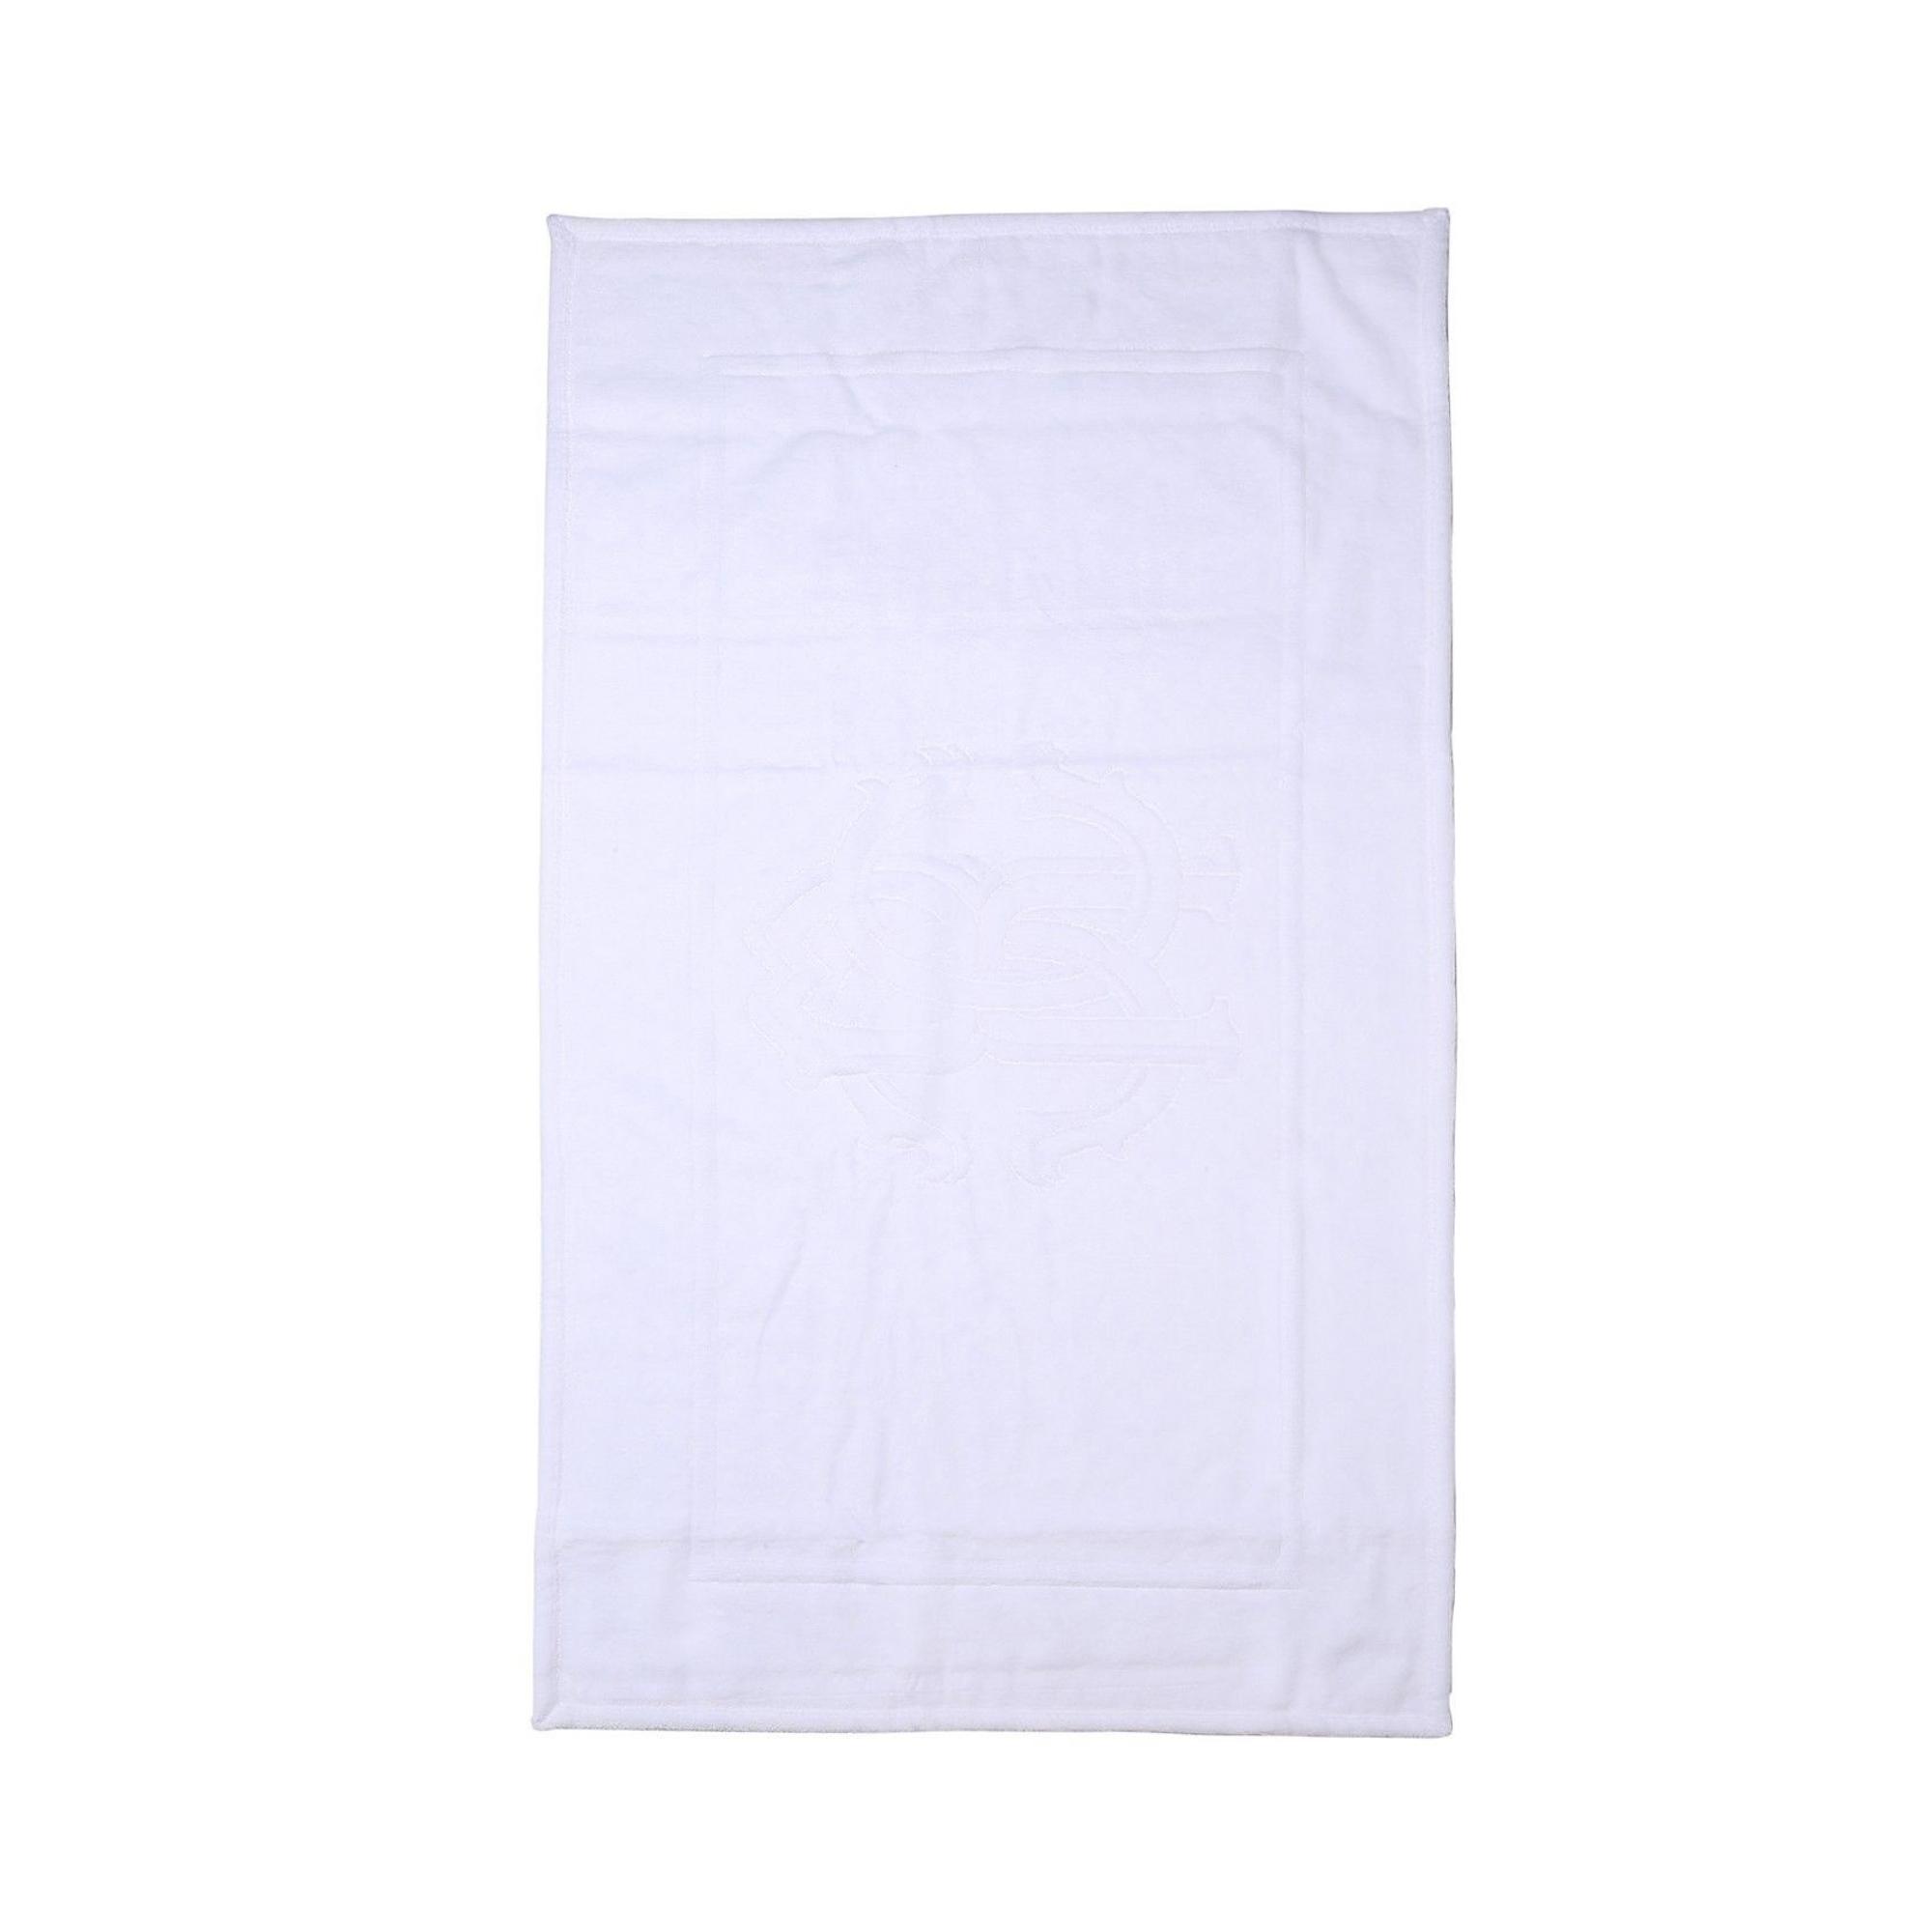 Купить Коврик для ванной 60 х 90 см Roberto Cavalli Logo белый (22155), коврик для ванной, Италия, хлопок 100%